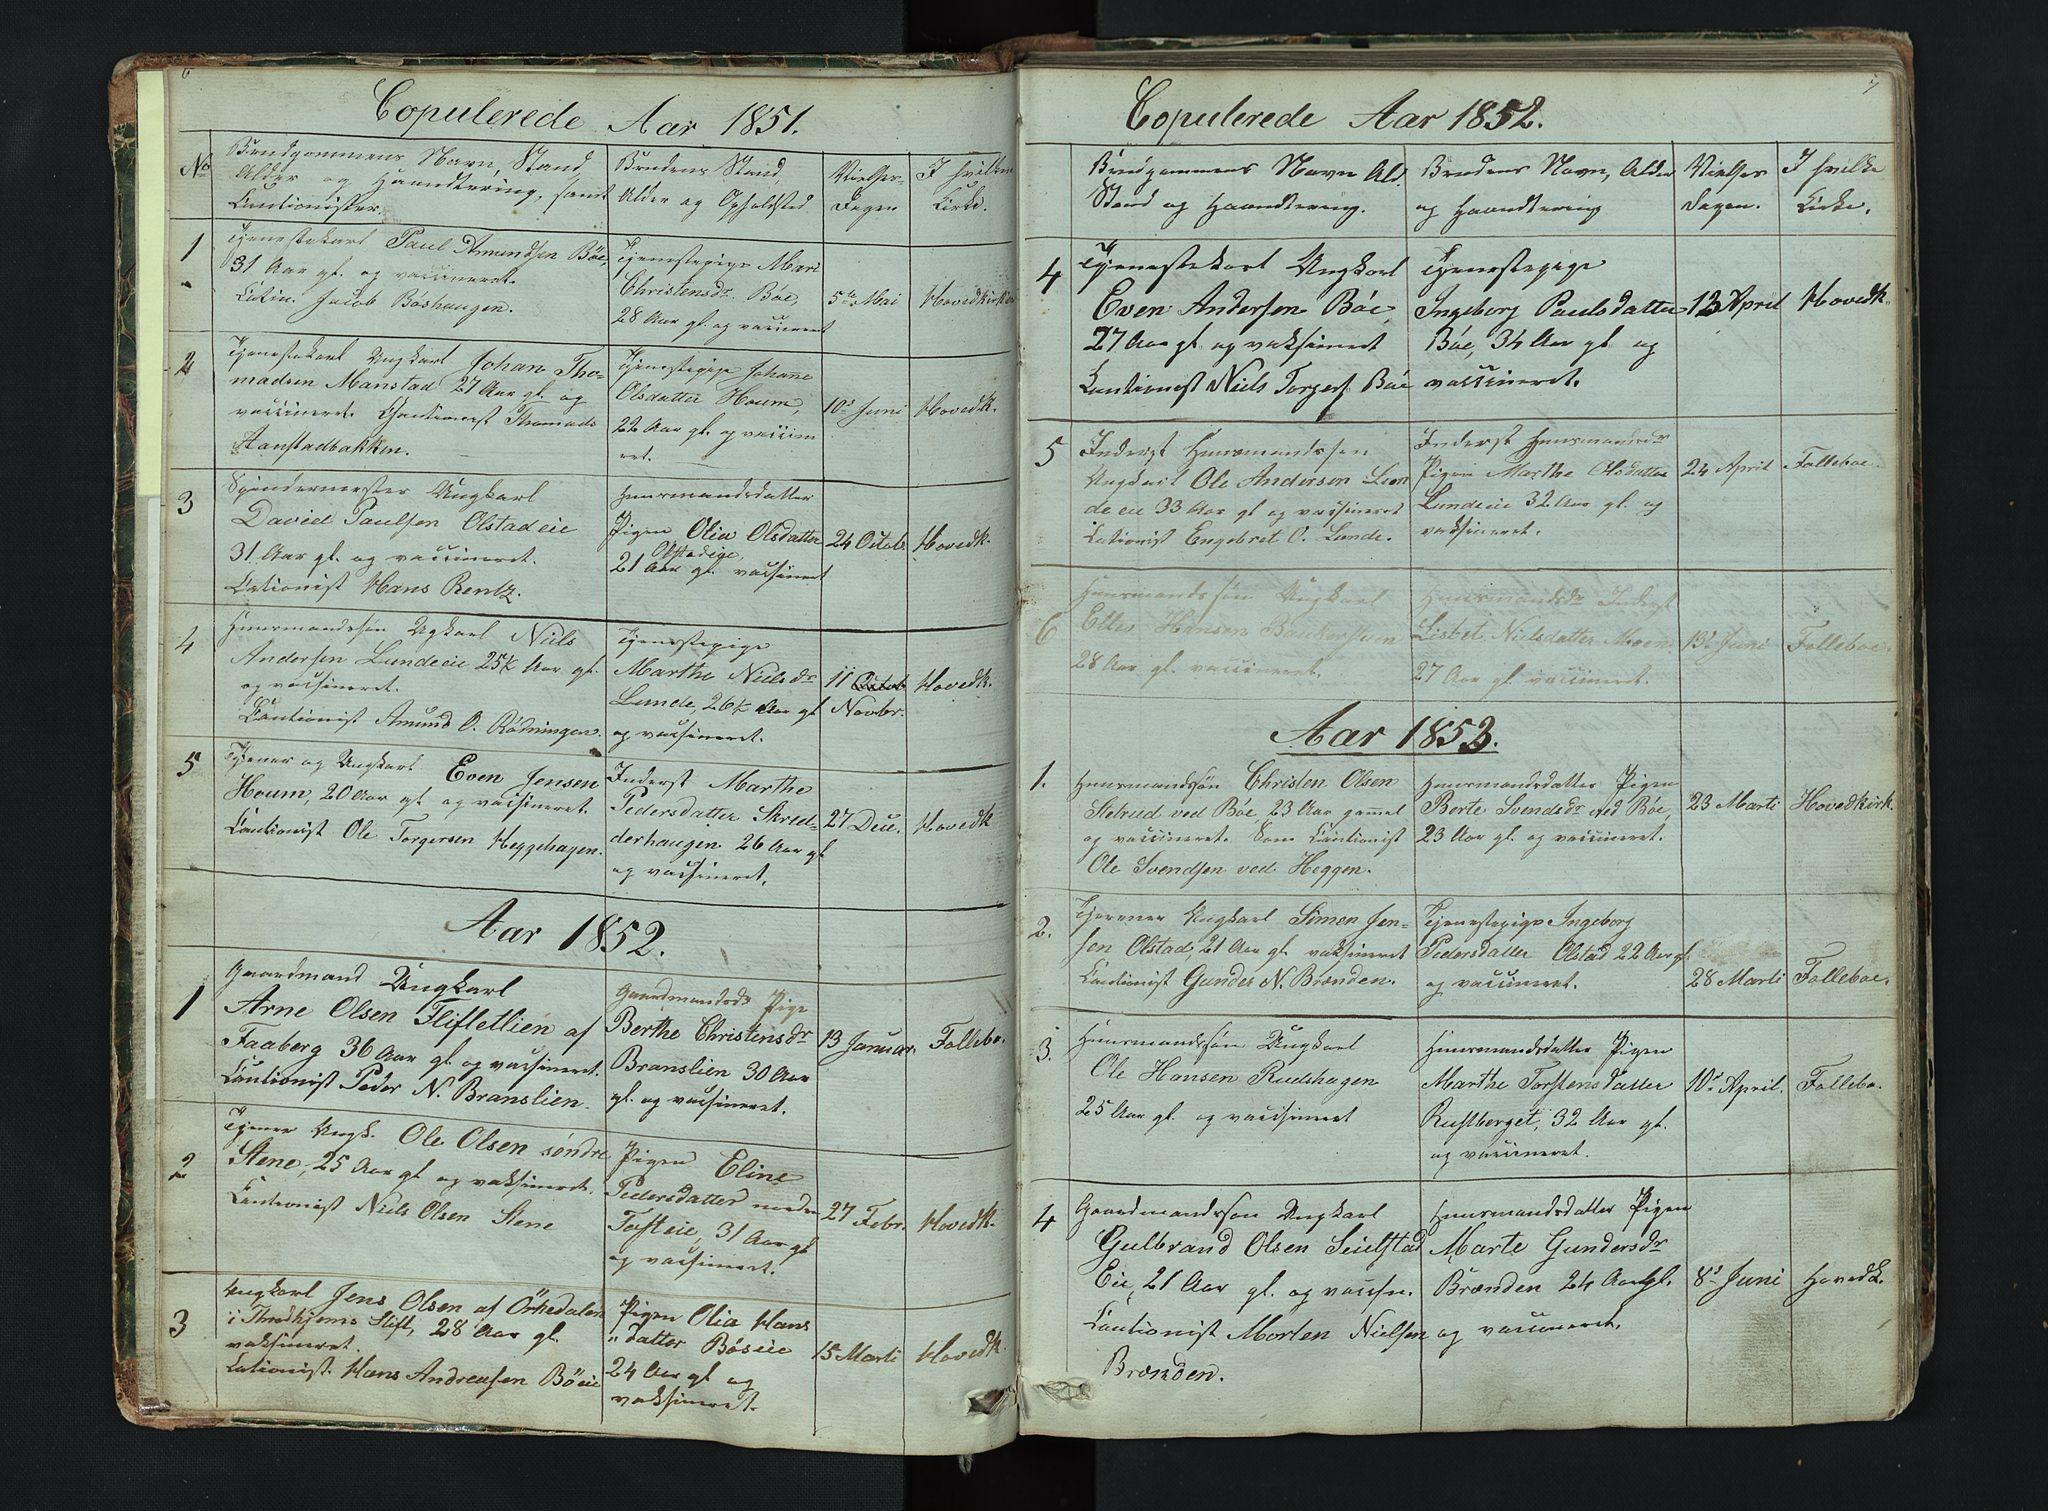 SAH, Gausdal prestekontor, Klokkerbok nr. 6, 1846-1893, s. 6-7